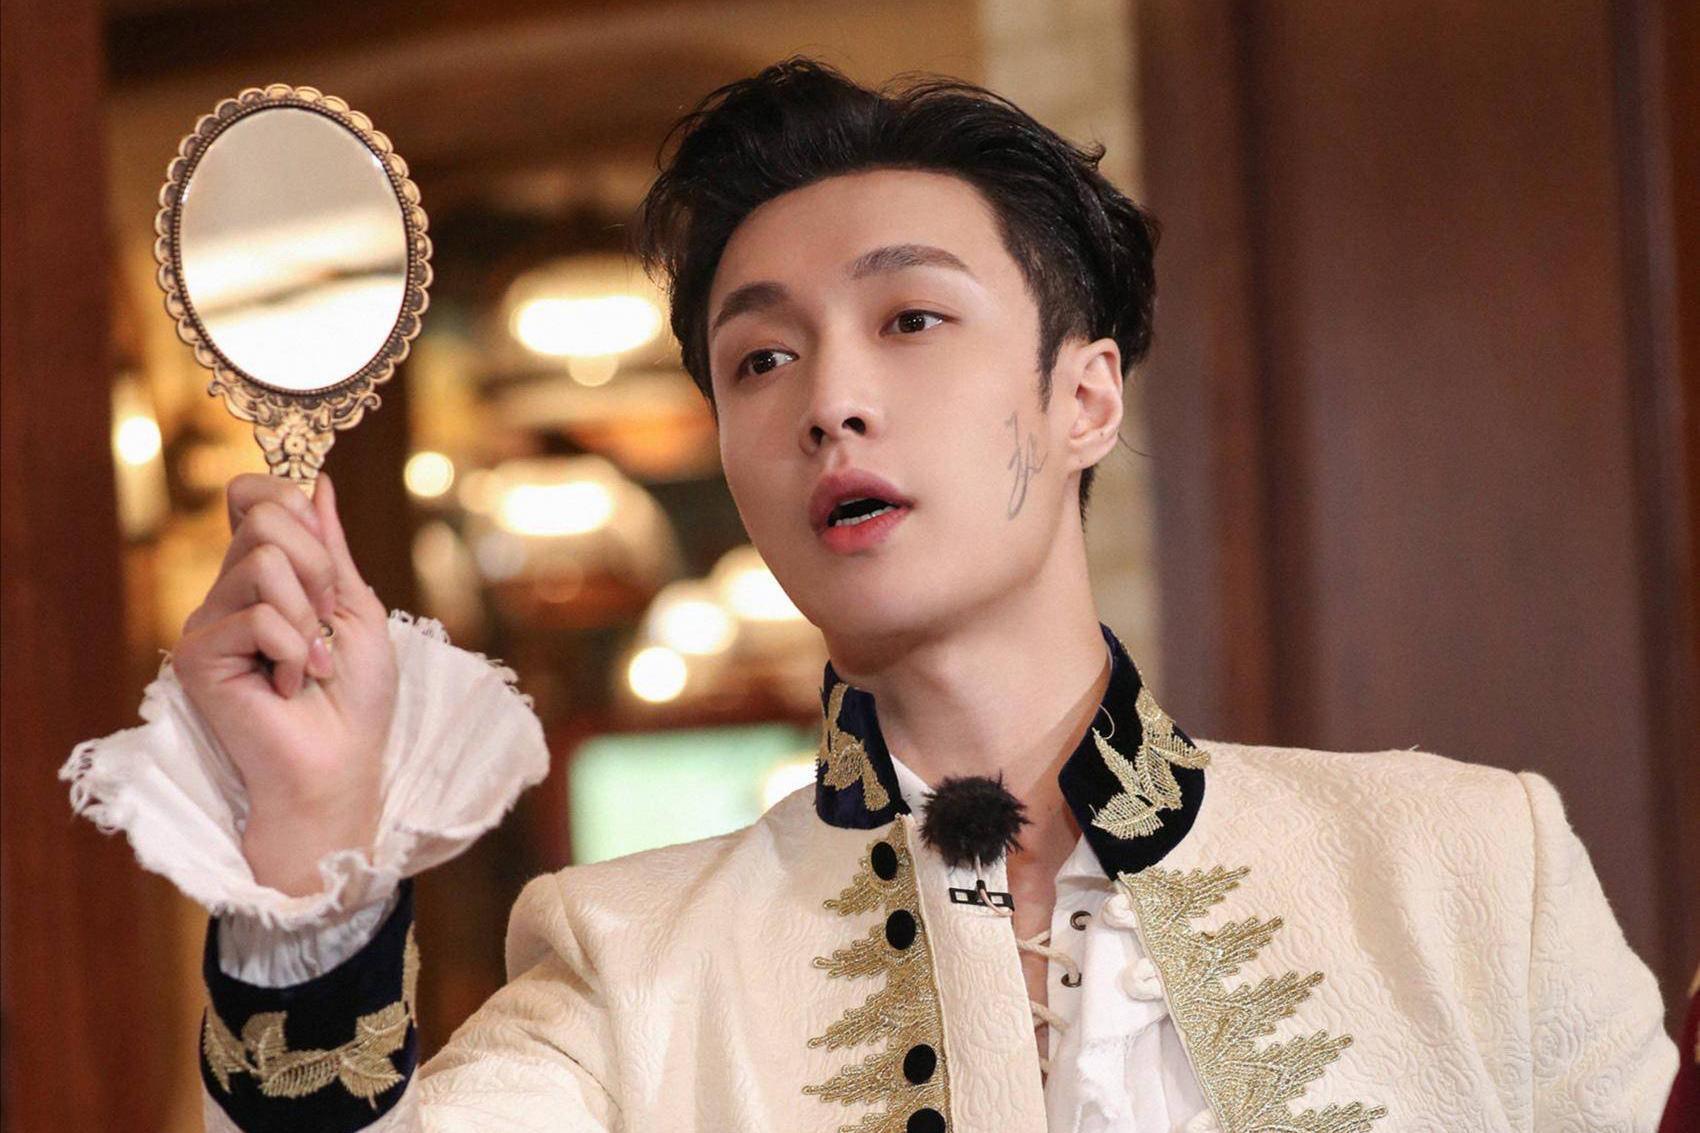 张艺兴新专7分钟卖了3000万,比老队友鹿晗一年的专辑销售额还多